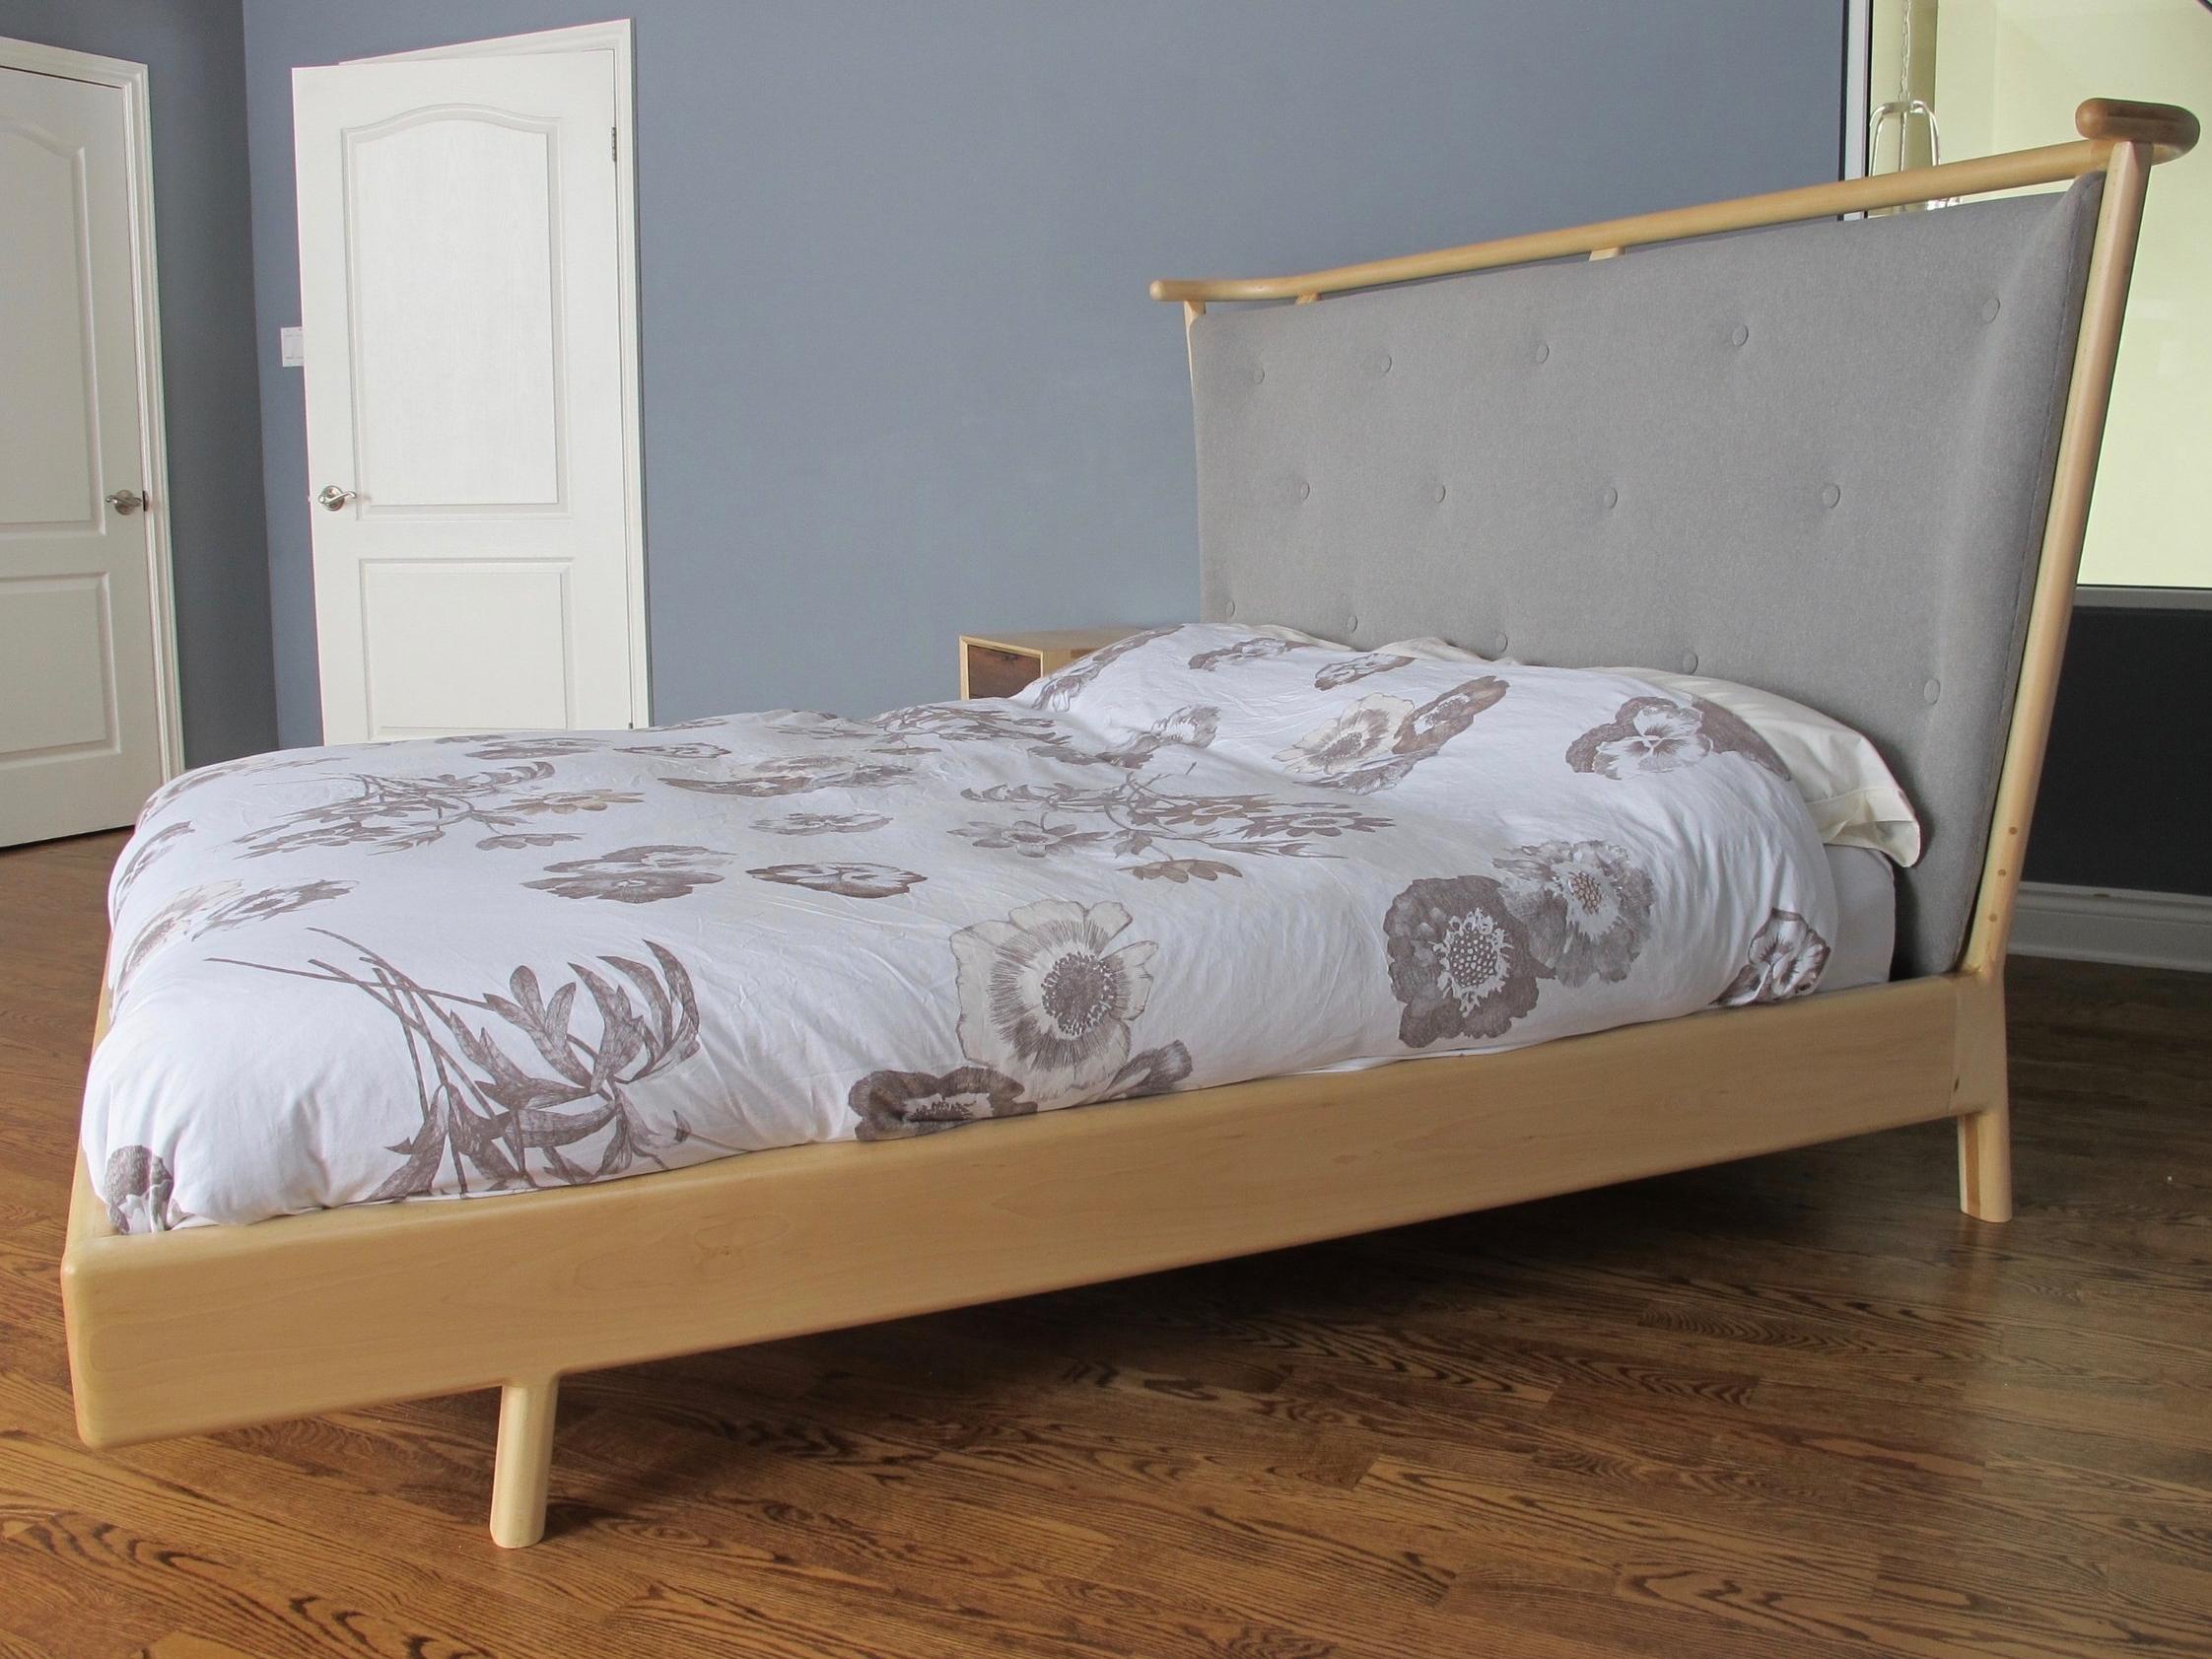 CBWW bed + nightstands - 8.jpg